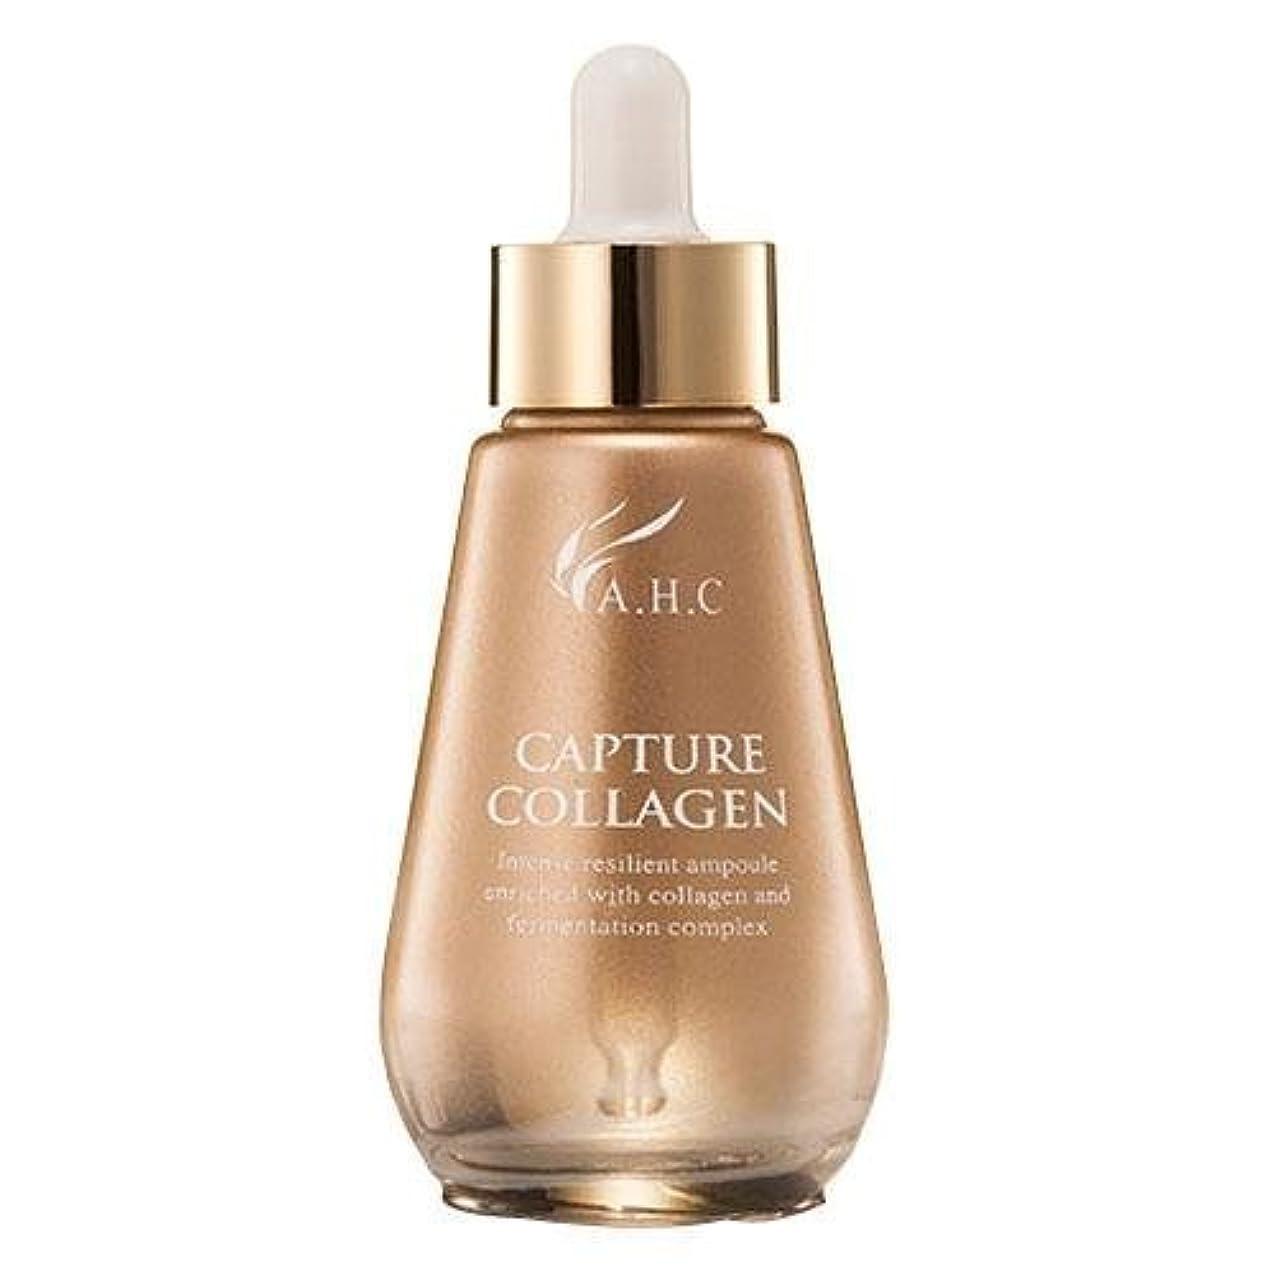 お嬢膨張する抑圧者A.H.C Capture Collagen Ampoule/ Made in Korea